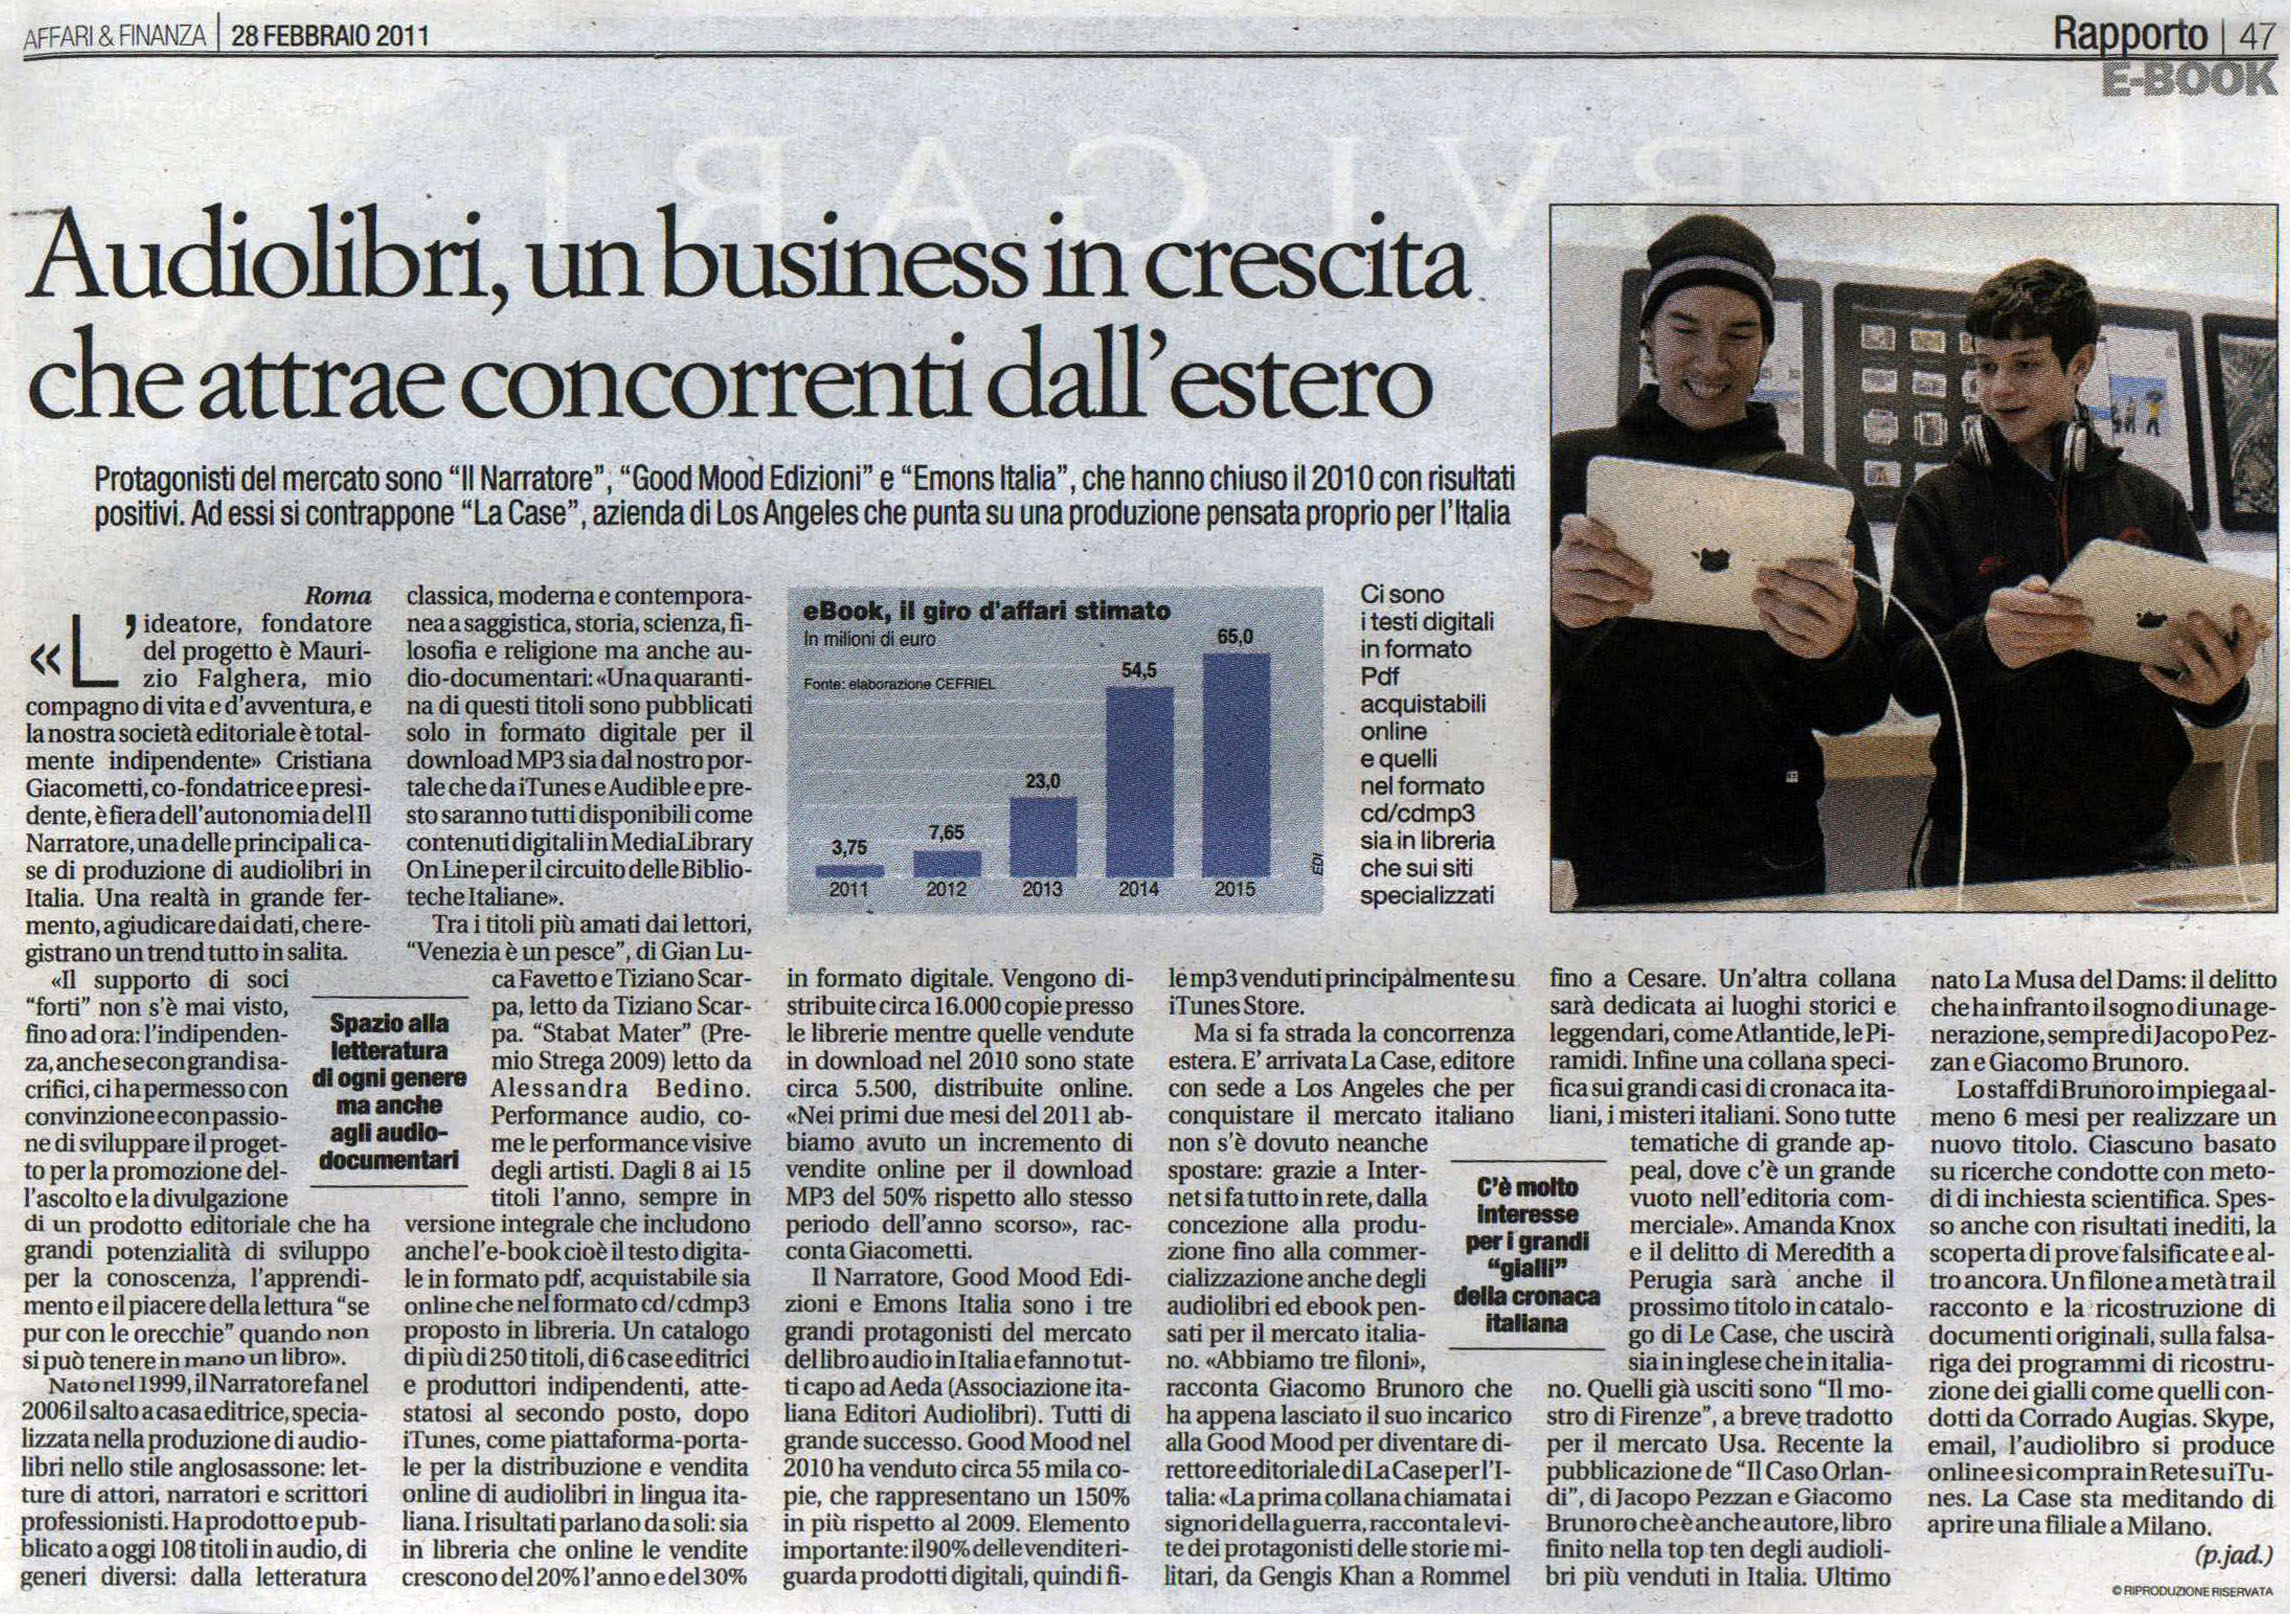 AUDIOLIBRI, UN BUSINESS IN CRESCITA CHE ATTRAE CONCORRENTI DALL'ESTERO